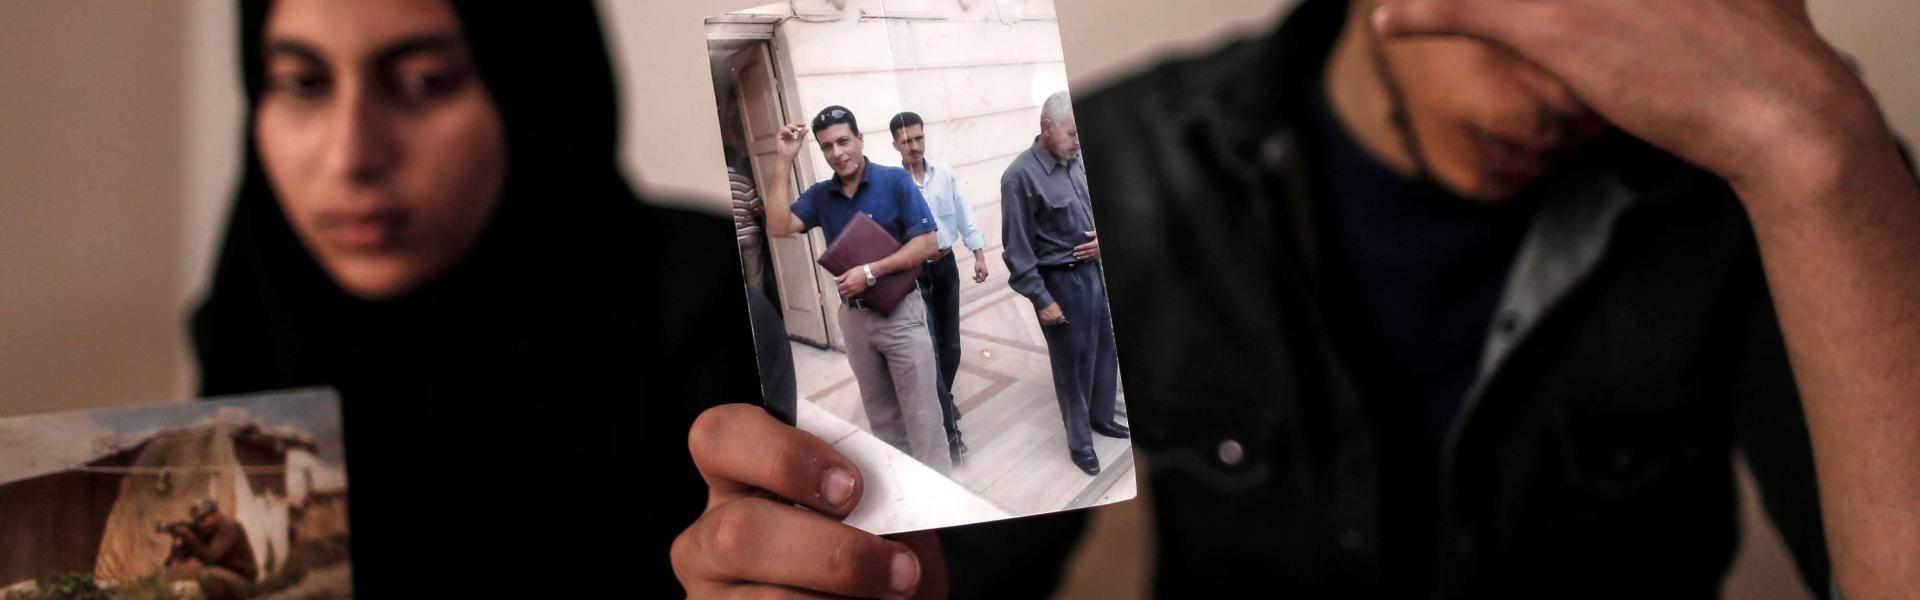 أسرة زكي مبارك تطالب بفتح تحقيق في ملابسات وفاته في أحد السجون التركية (إندبندنت عربية)